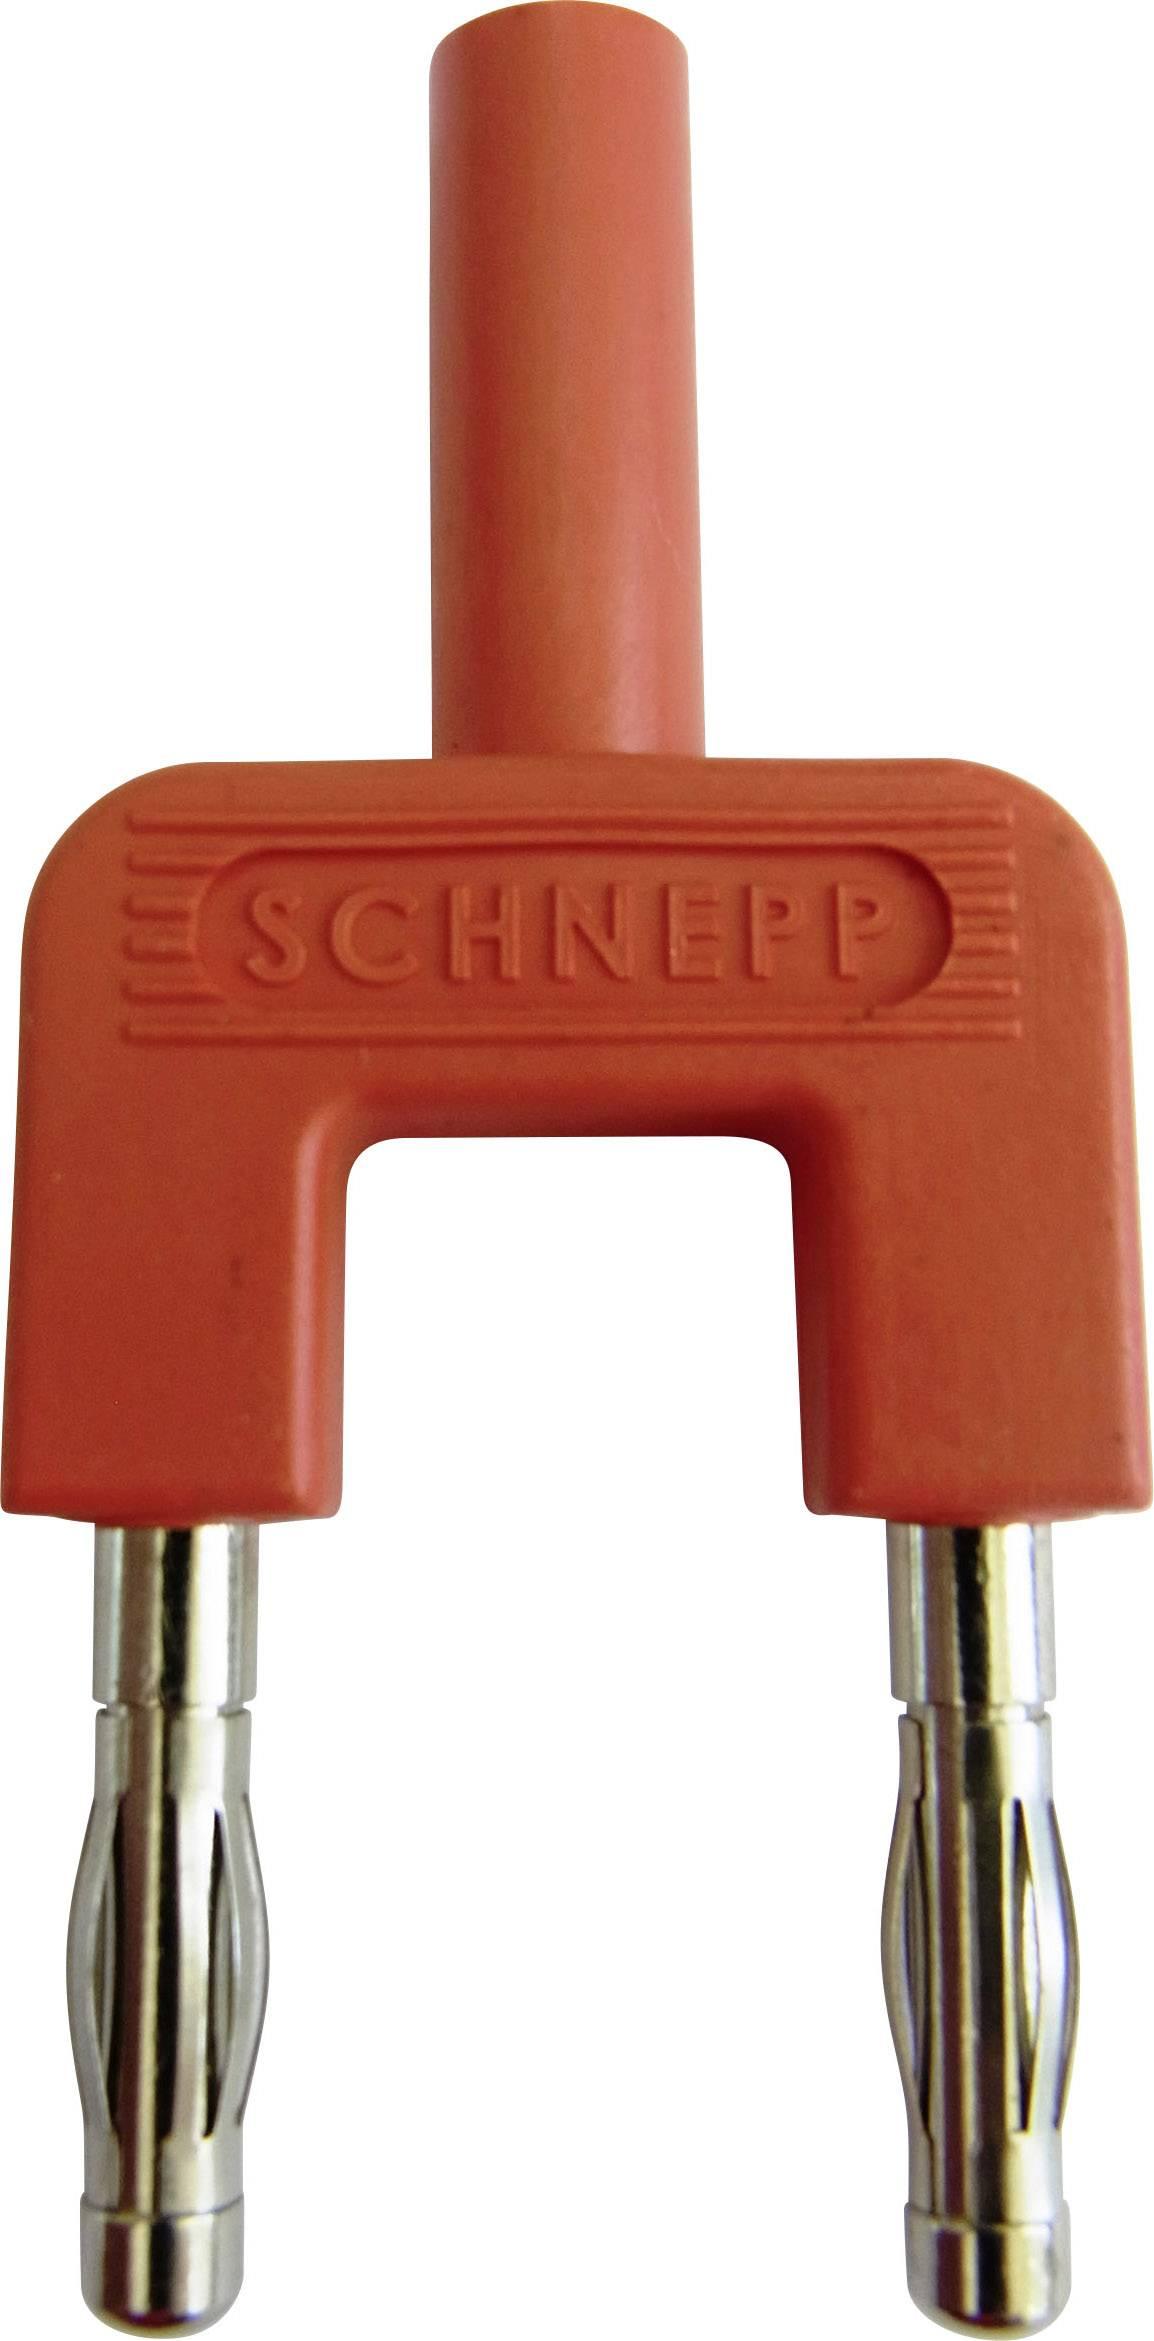 Skratovací mostík Schnepp 19/4mB/rt, Ø hrotu 4 mm, rozostup hrotov 19 mm, červená, 1 ks